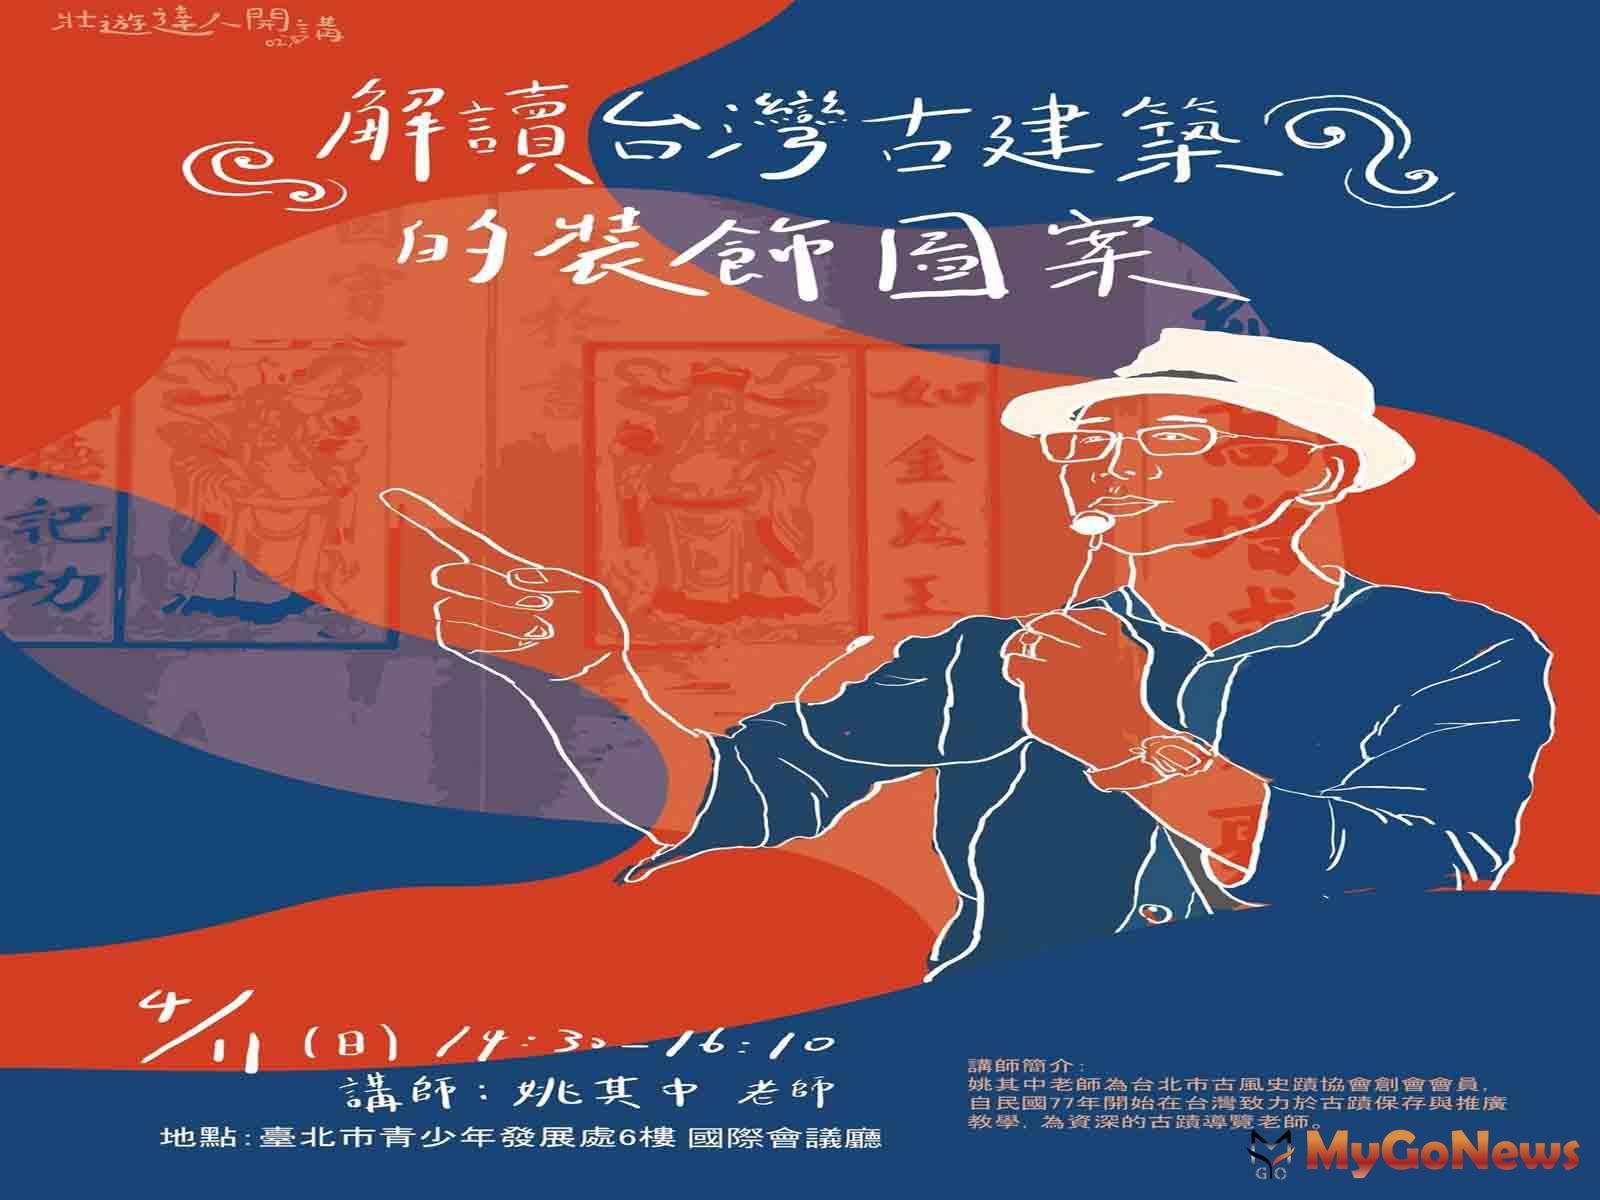 台灣古建築的裝飾圖案 說不完的故事與感動(圖/台北市政府) MyGoNews房地產新聞 區域情報